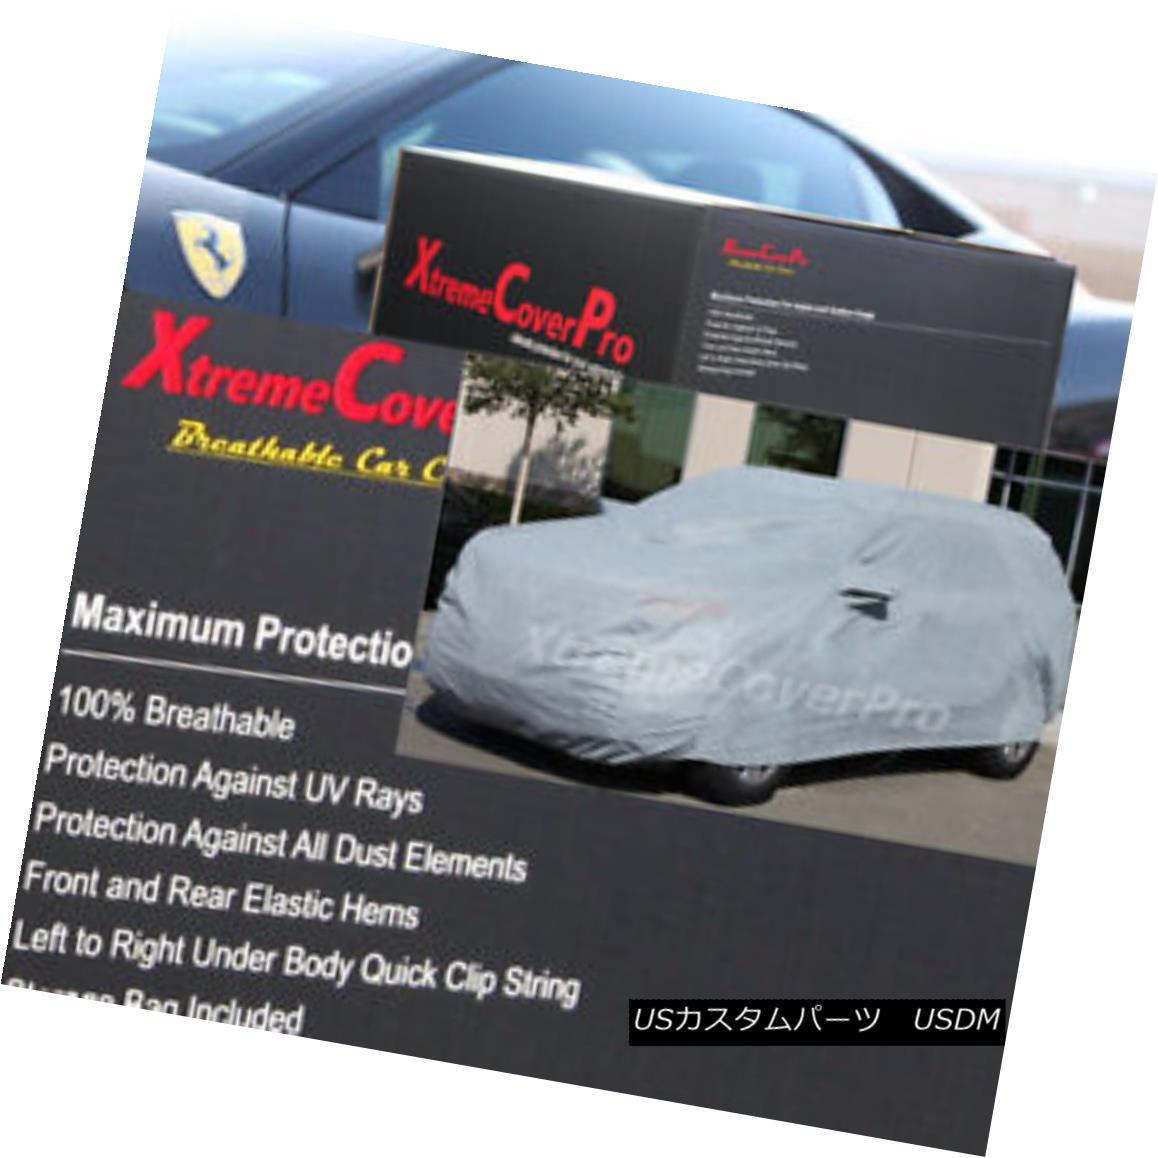 カーカバー 2008 Mercedes ML350 ML500 ML550 ML63 Breathable Car Cover w/MirrorPocket 2008年メルセデスML350 ML500 ML550 ML63通気性車カバー付き/ MirrorPocket